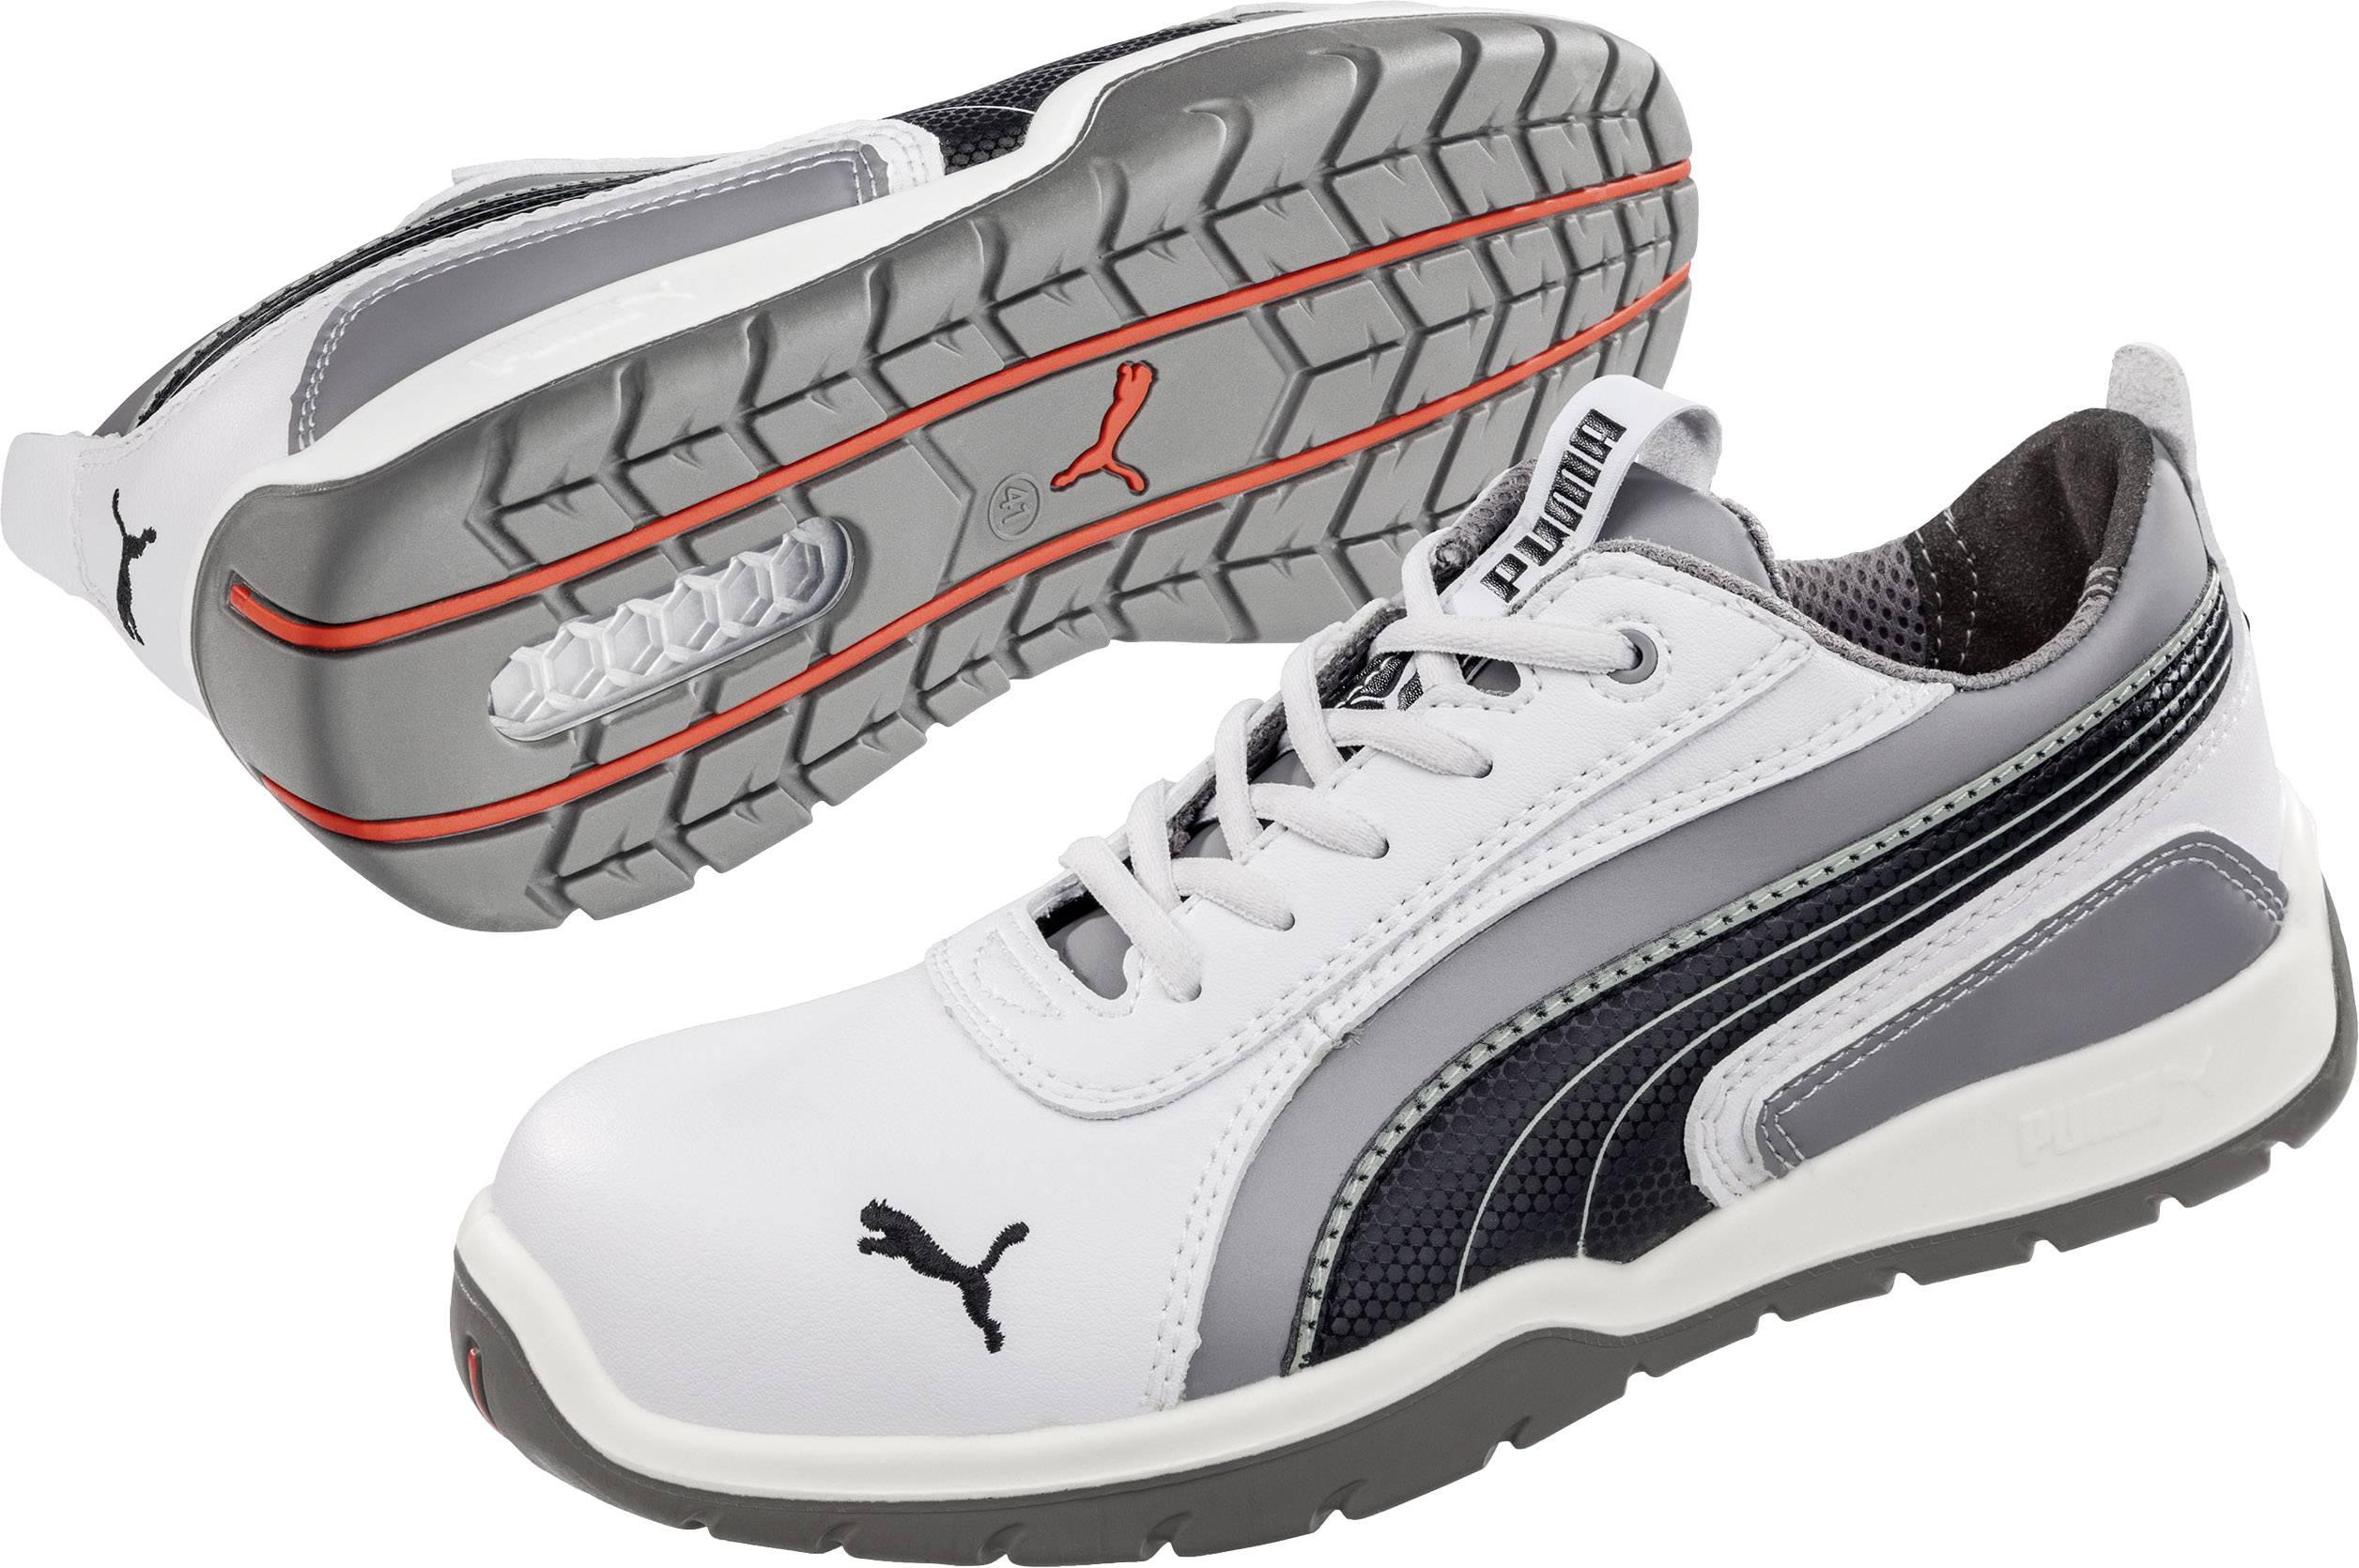 Bezpečnostná obuv S3 PUMA Safety Monaco Low 642650, veľ.: 40, biela, sivá, 1 pár